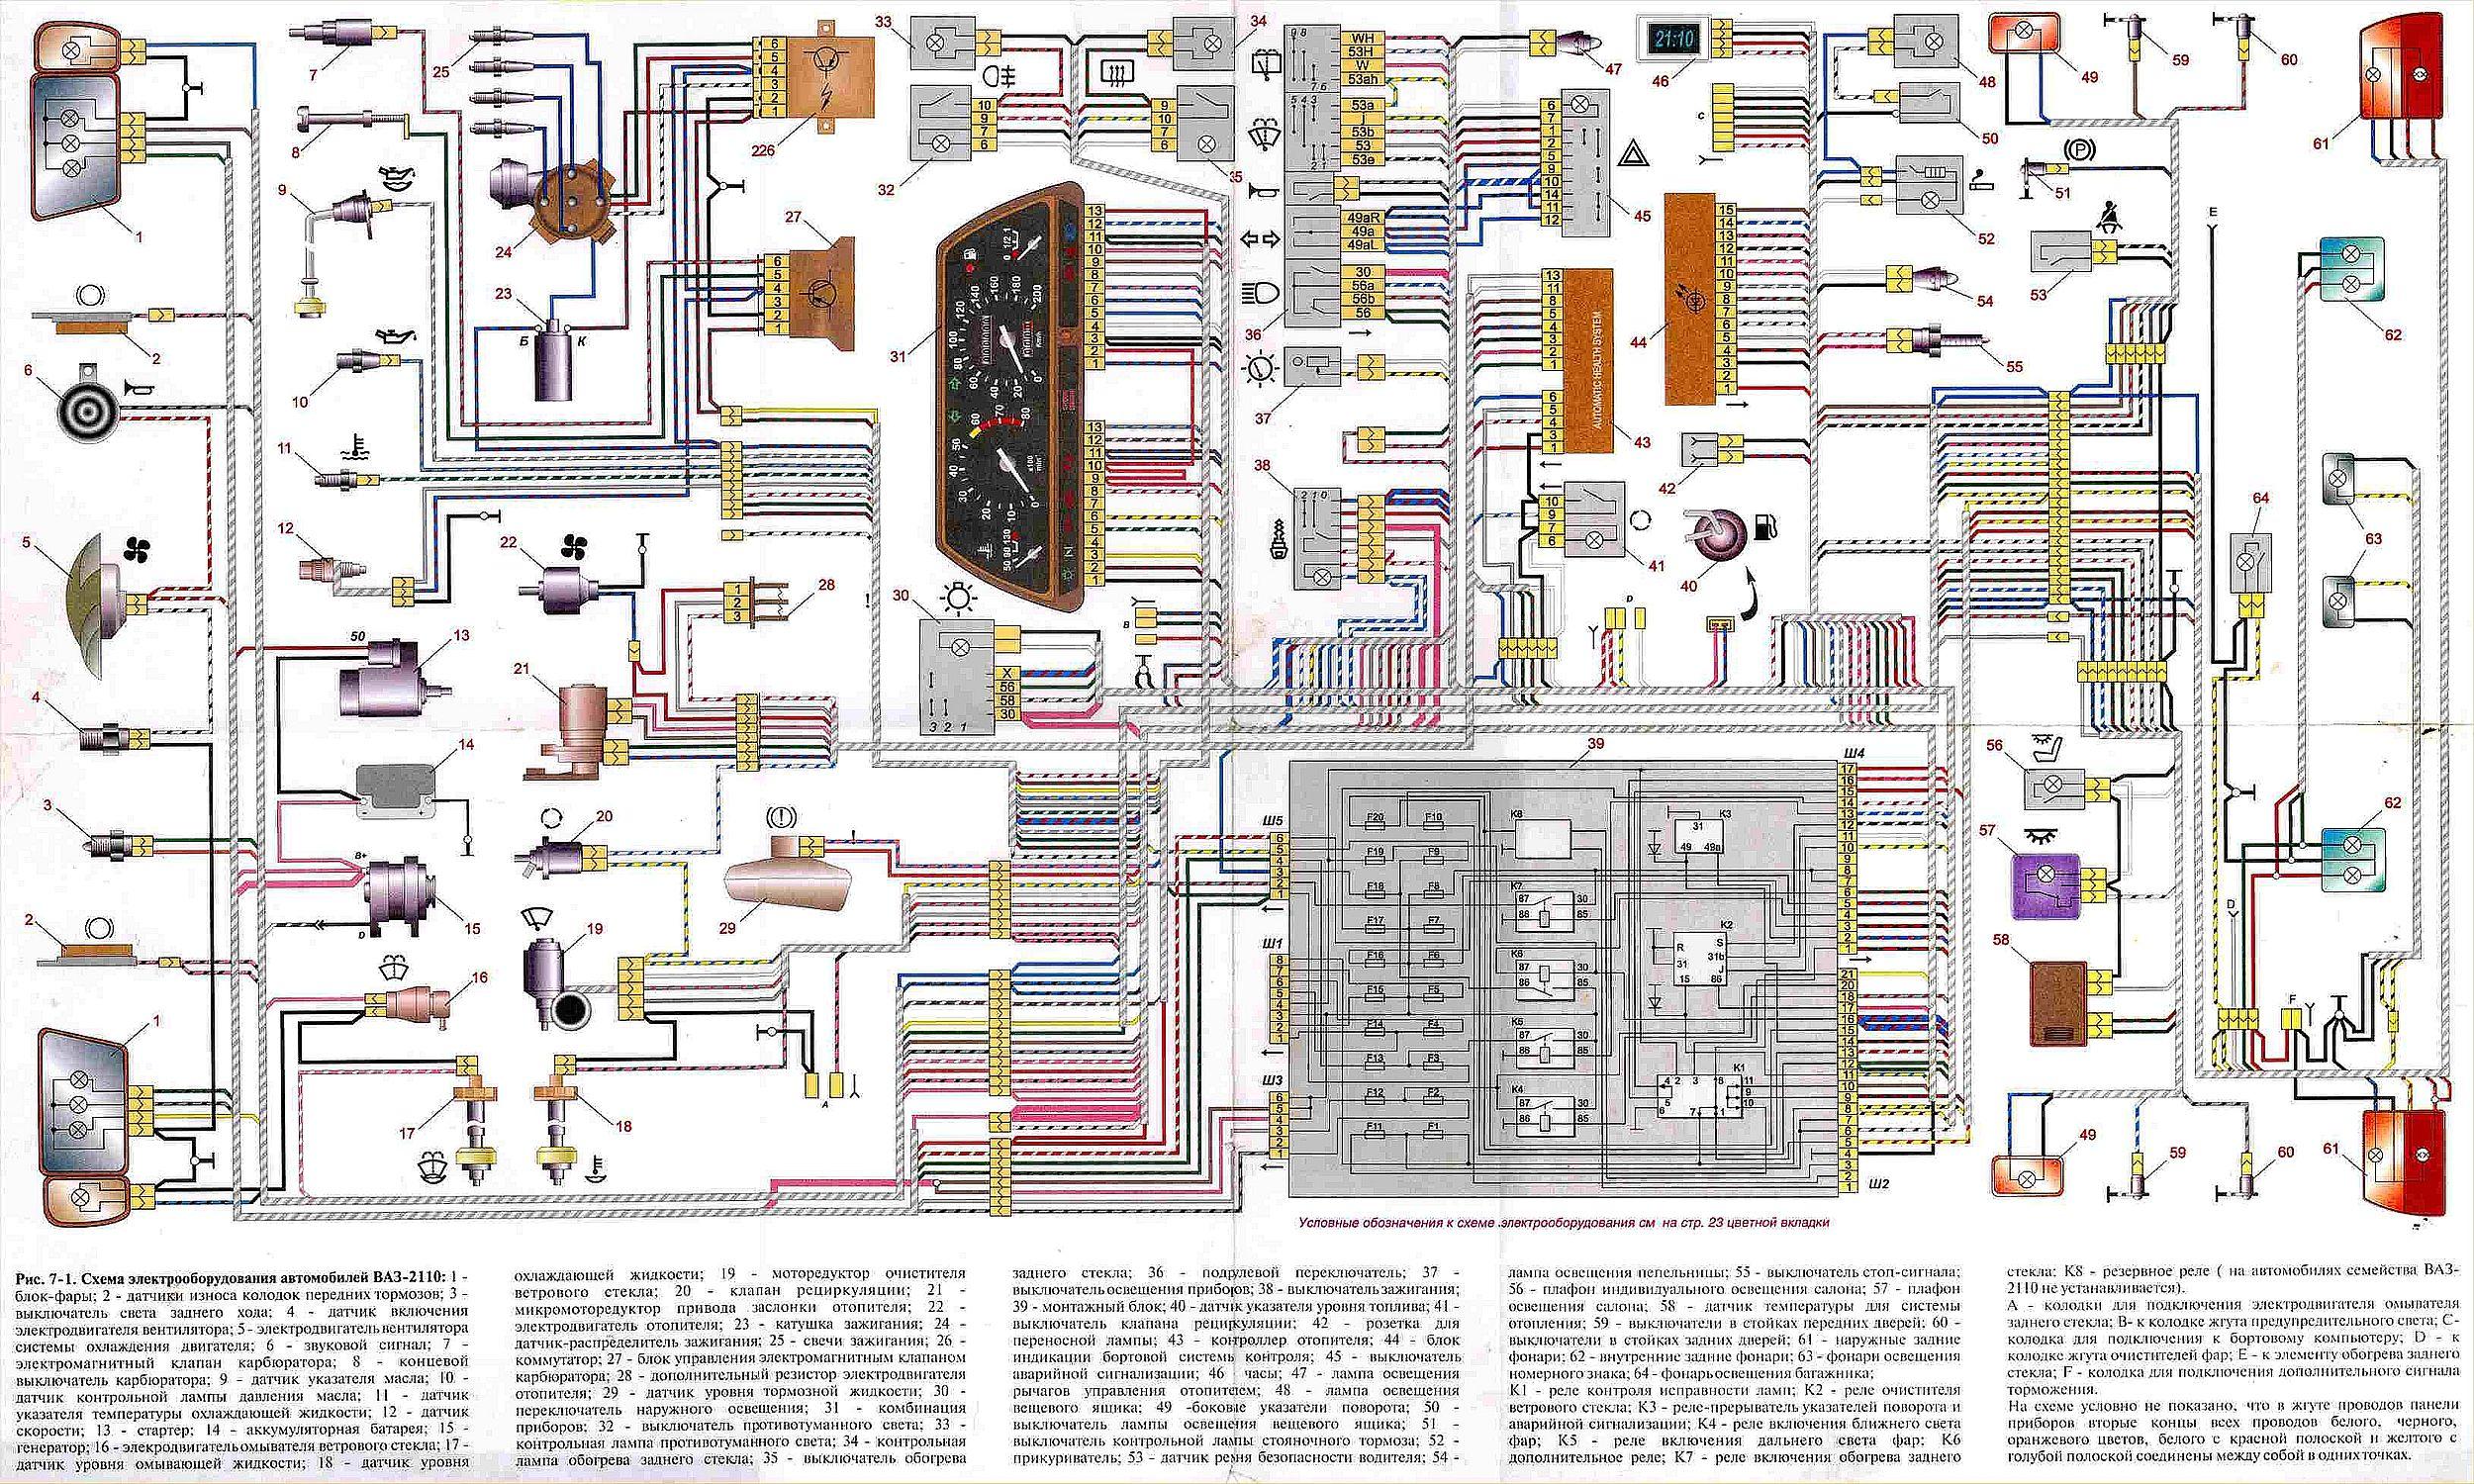 Электрическая схема управления инжекторным двигателем 2112 (1,5i.